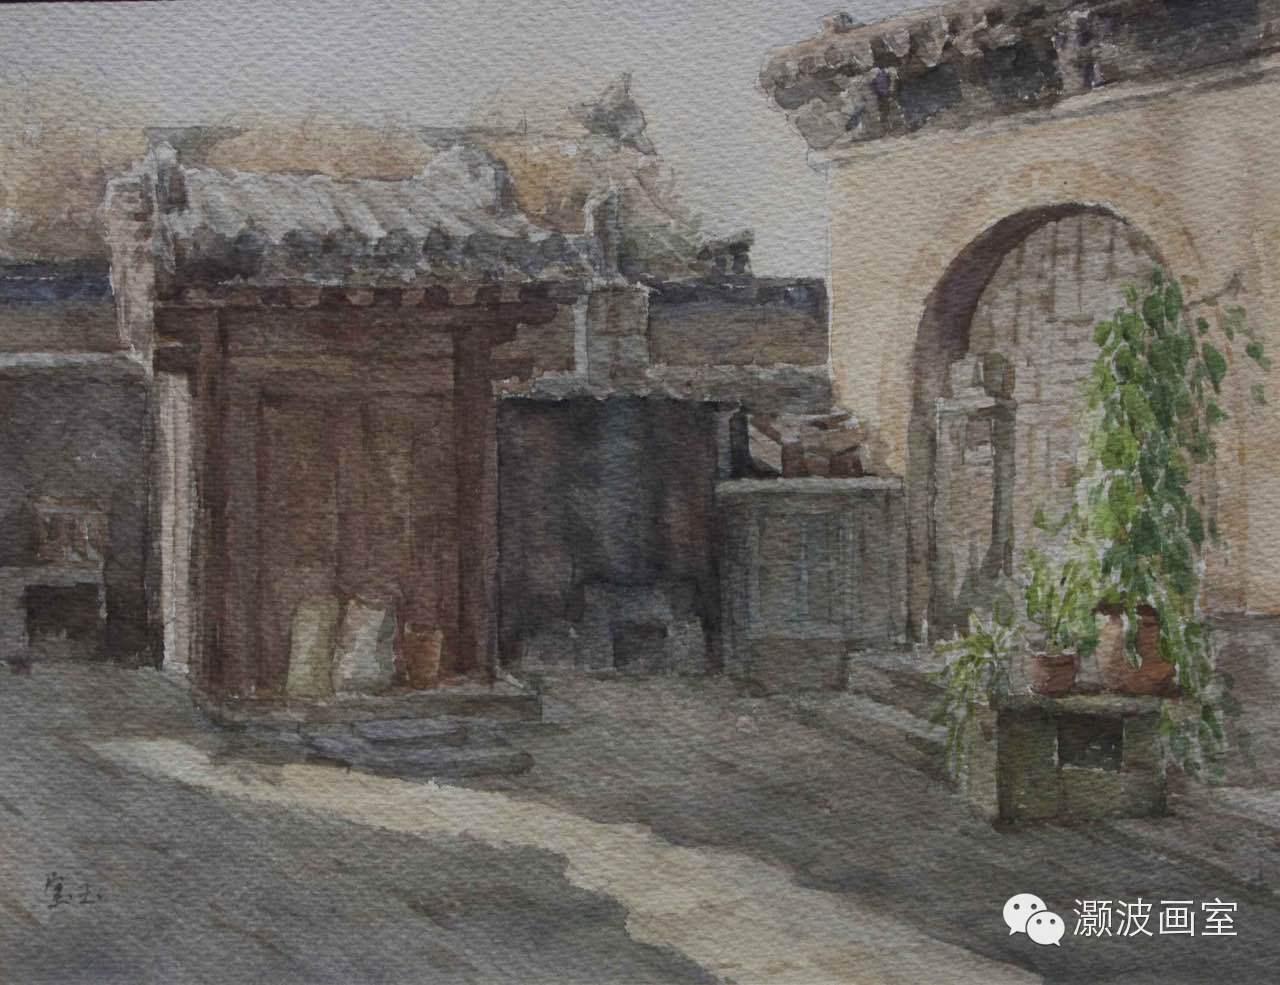 著名蒙古族青年水彩画家宝玉作品欣赏